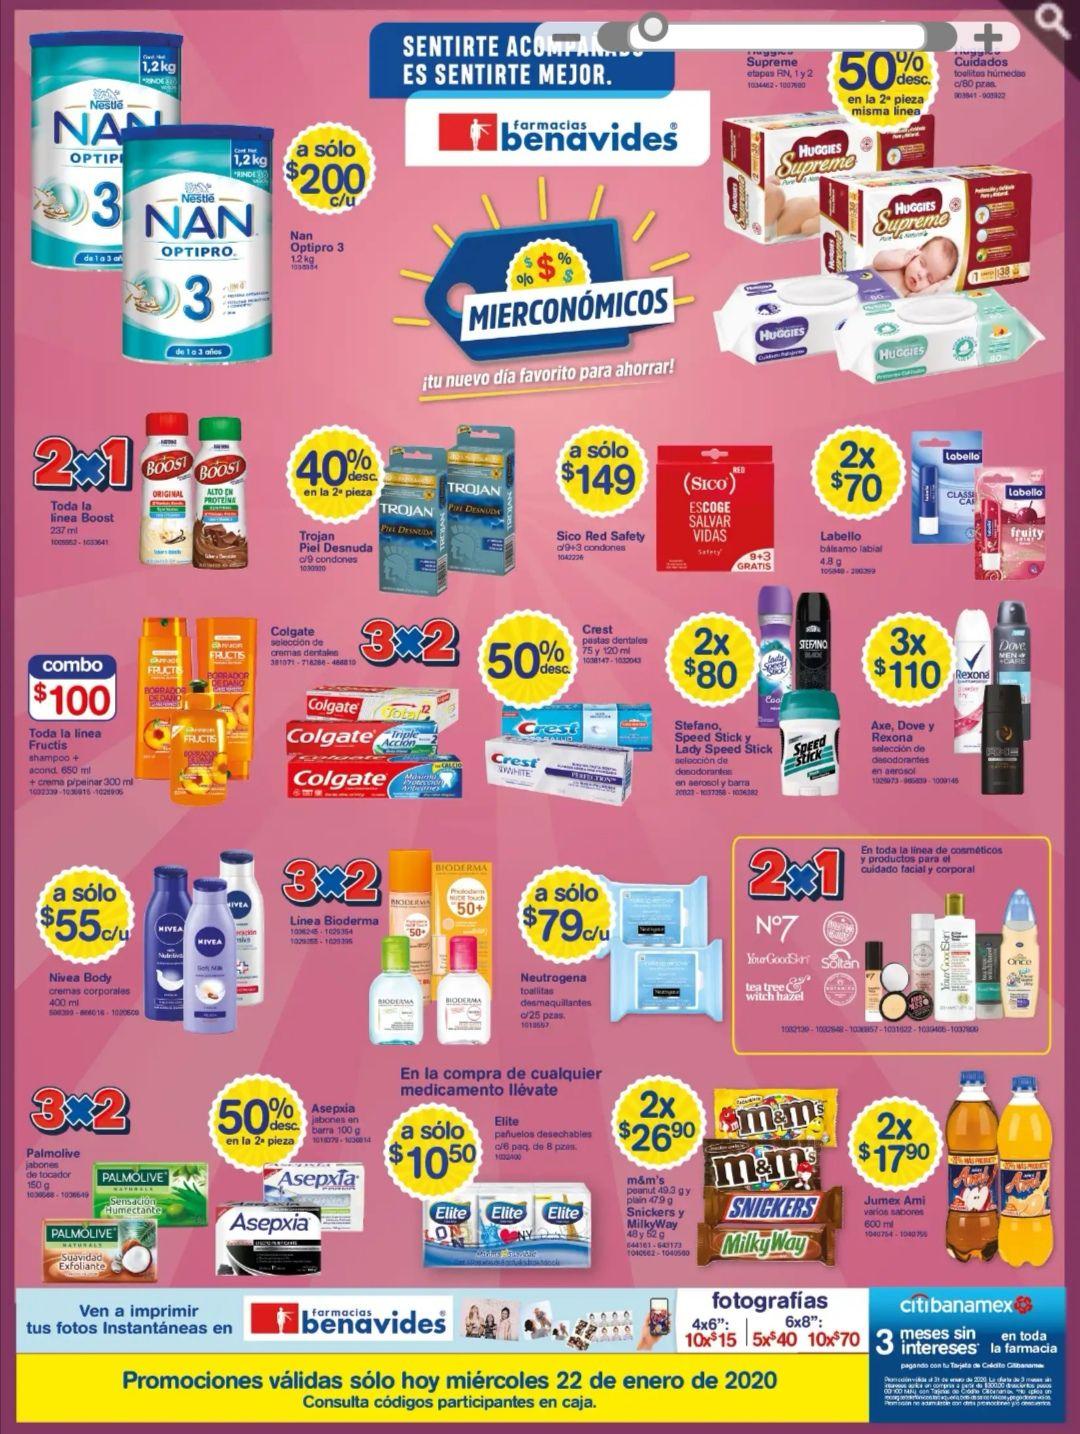 Farmacias Benavides: Mierconómicos 22 de Enero